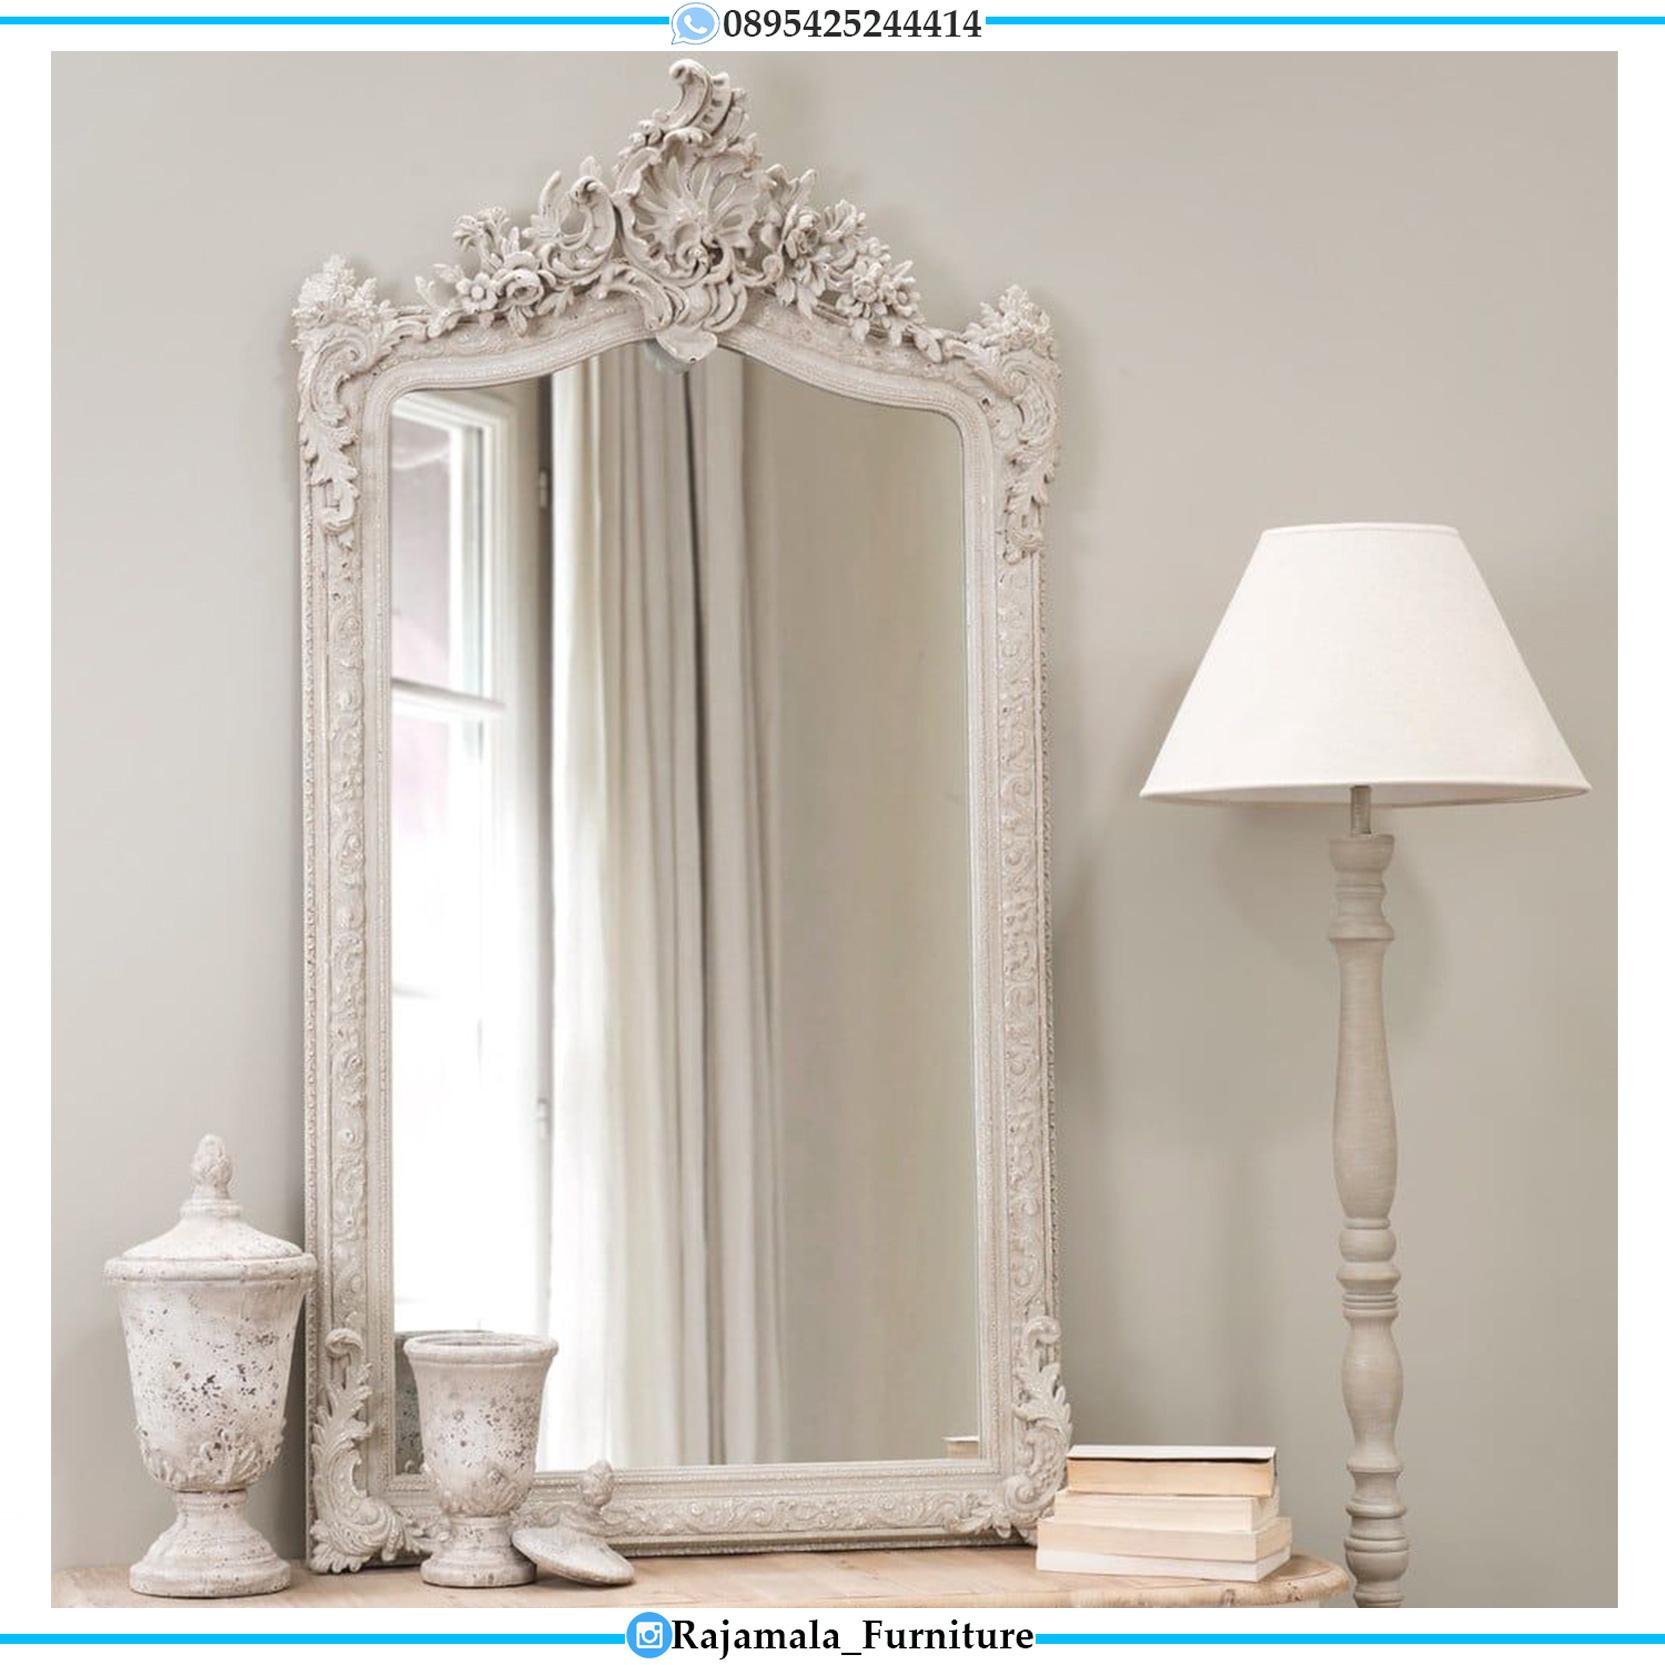 Kaca Hias Mewah Ukir Jepara Living Room Inspiring Design Interior RM-0120